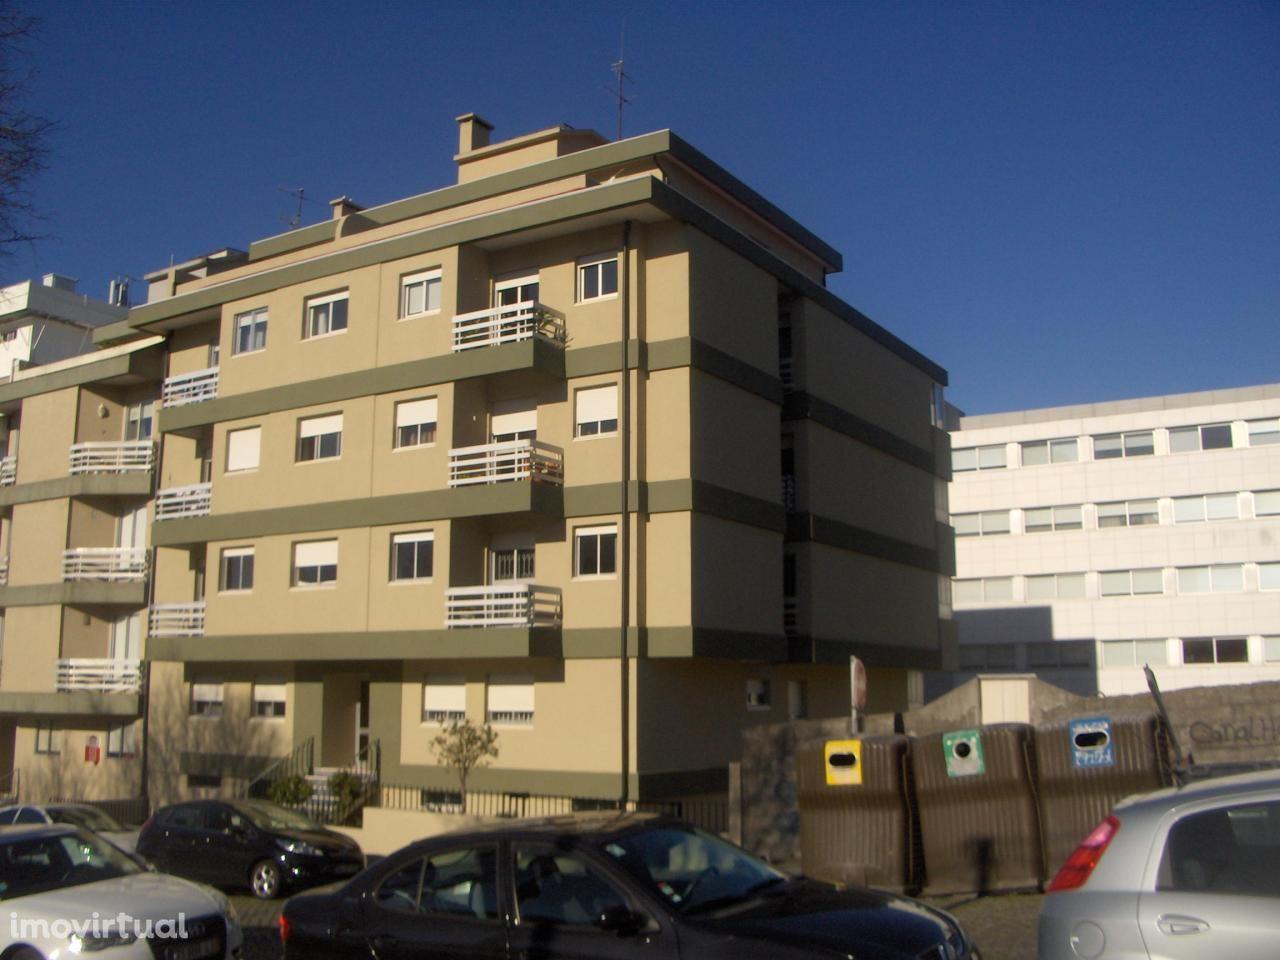 T1 Antas, c/terraços e garagem.